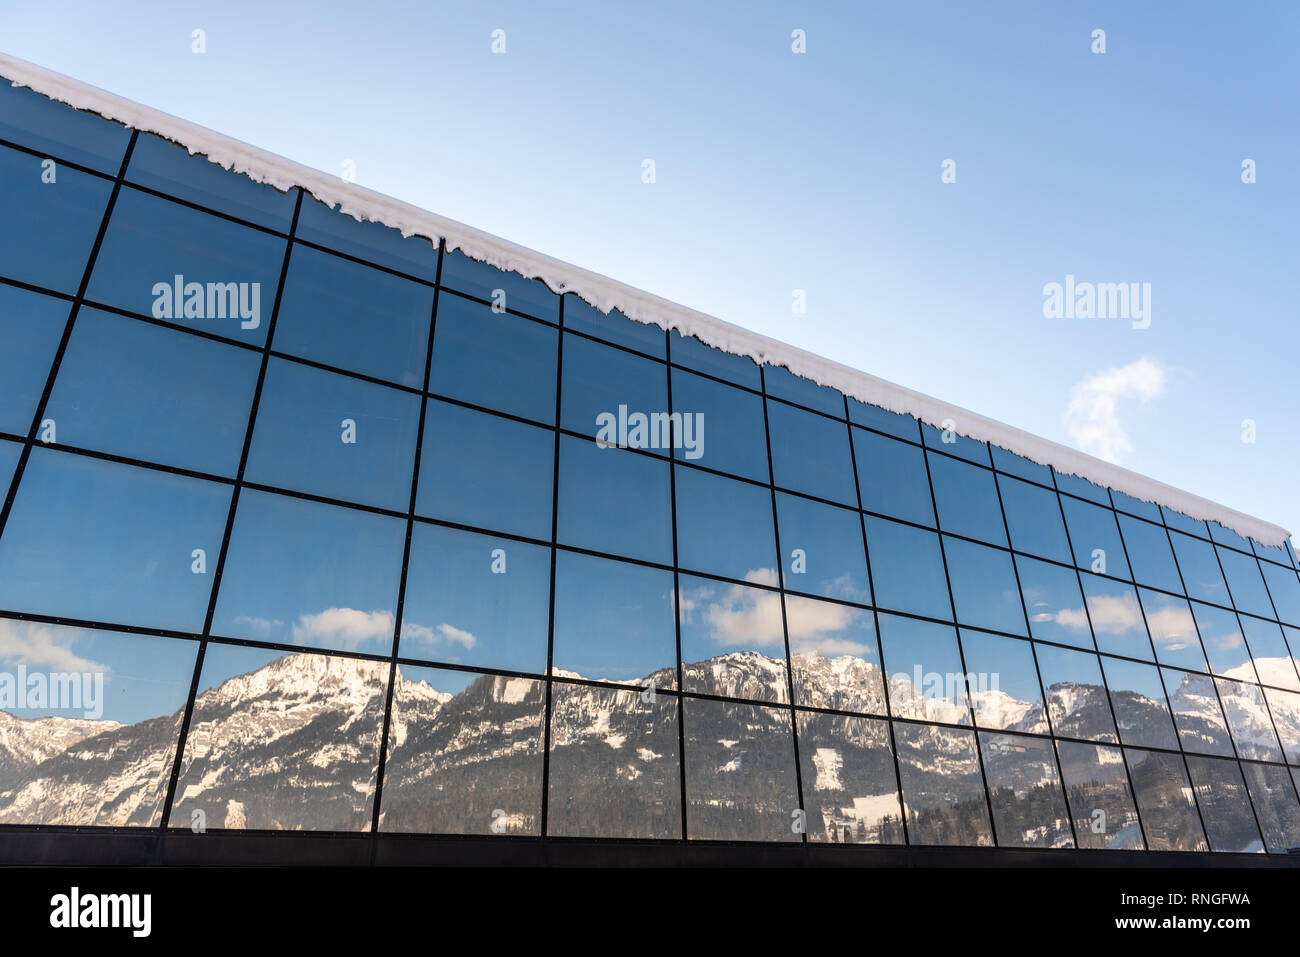 Reflexion von Bergen in einem Gebäude aus Glas - Skigebiet Hauser Kaibling in Österreich Top Skigebiete miteinander 4 Berge Ski Österreich Stockbild